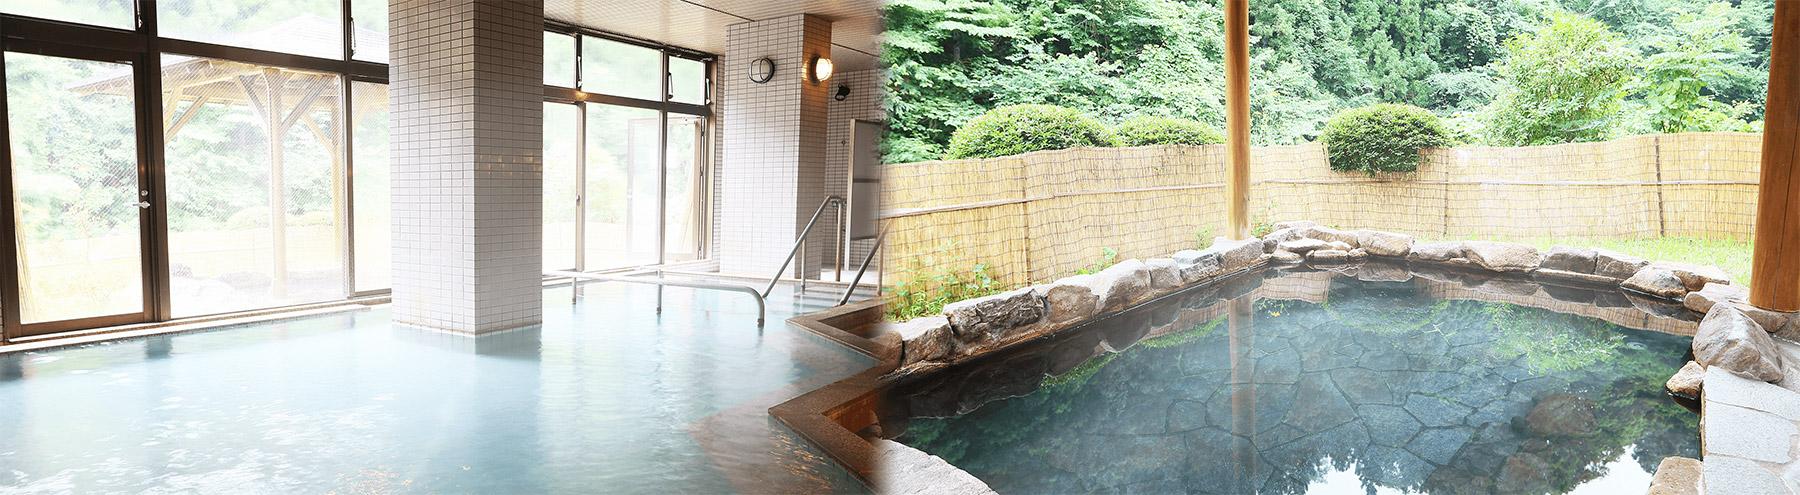 天然温泉×指圧マッサージ。癒しと健康力をアップする4種類のお風呂でリラックス。